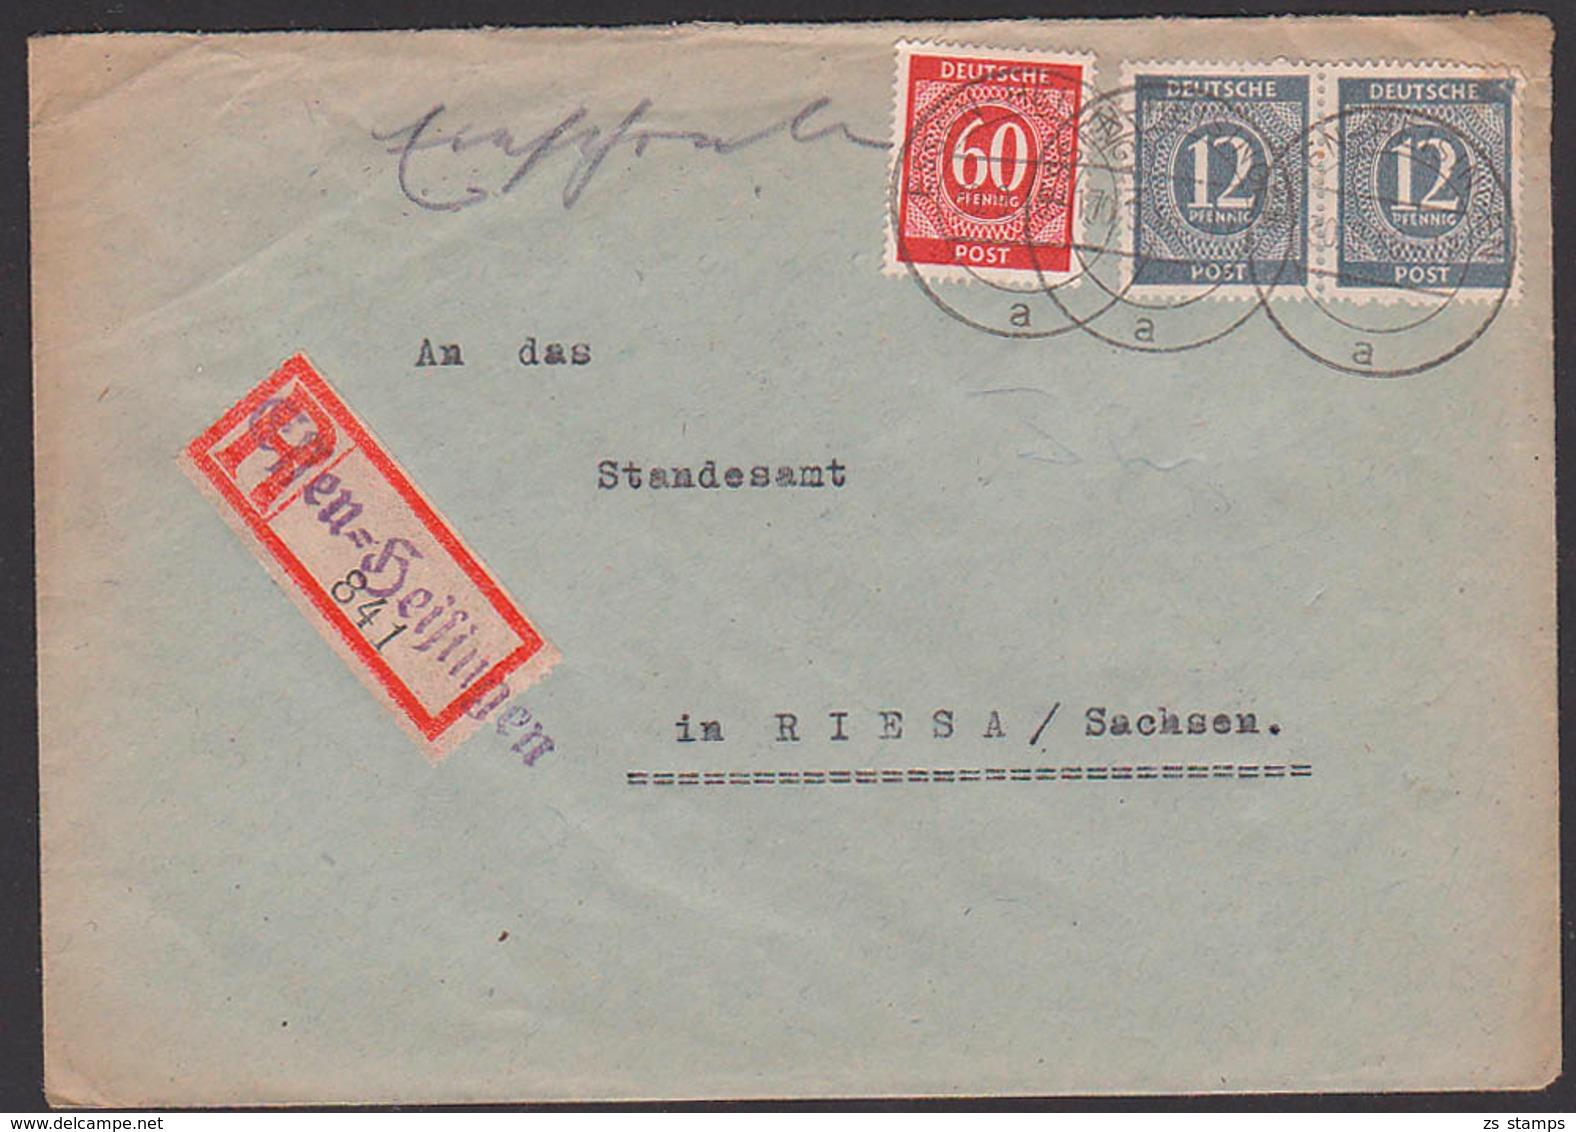 Essen-Heisingen R-Brief Mit 12 (2) Und 60 Pfg. Ziffer Nach Riesa Sachsen, Protogenau - Gemeinschaftsausgaben